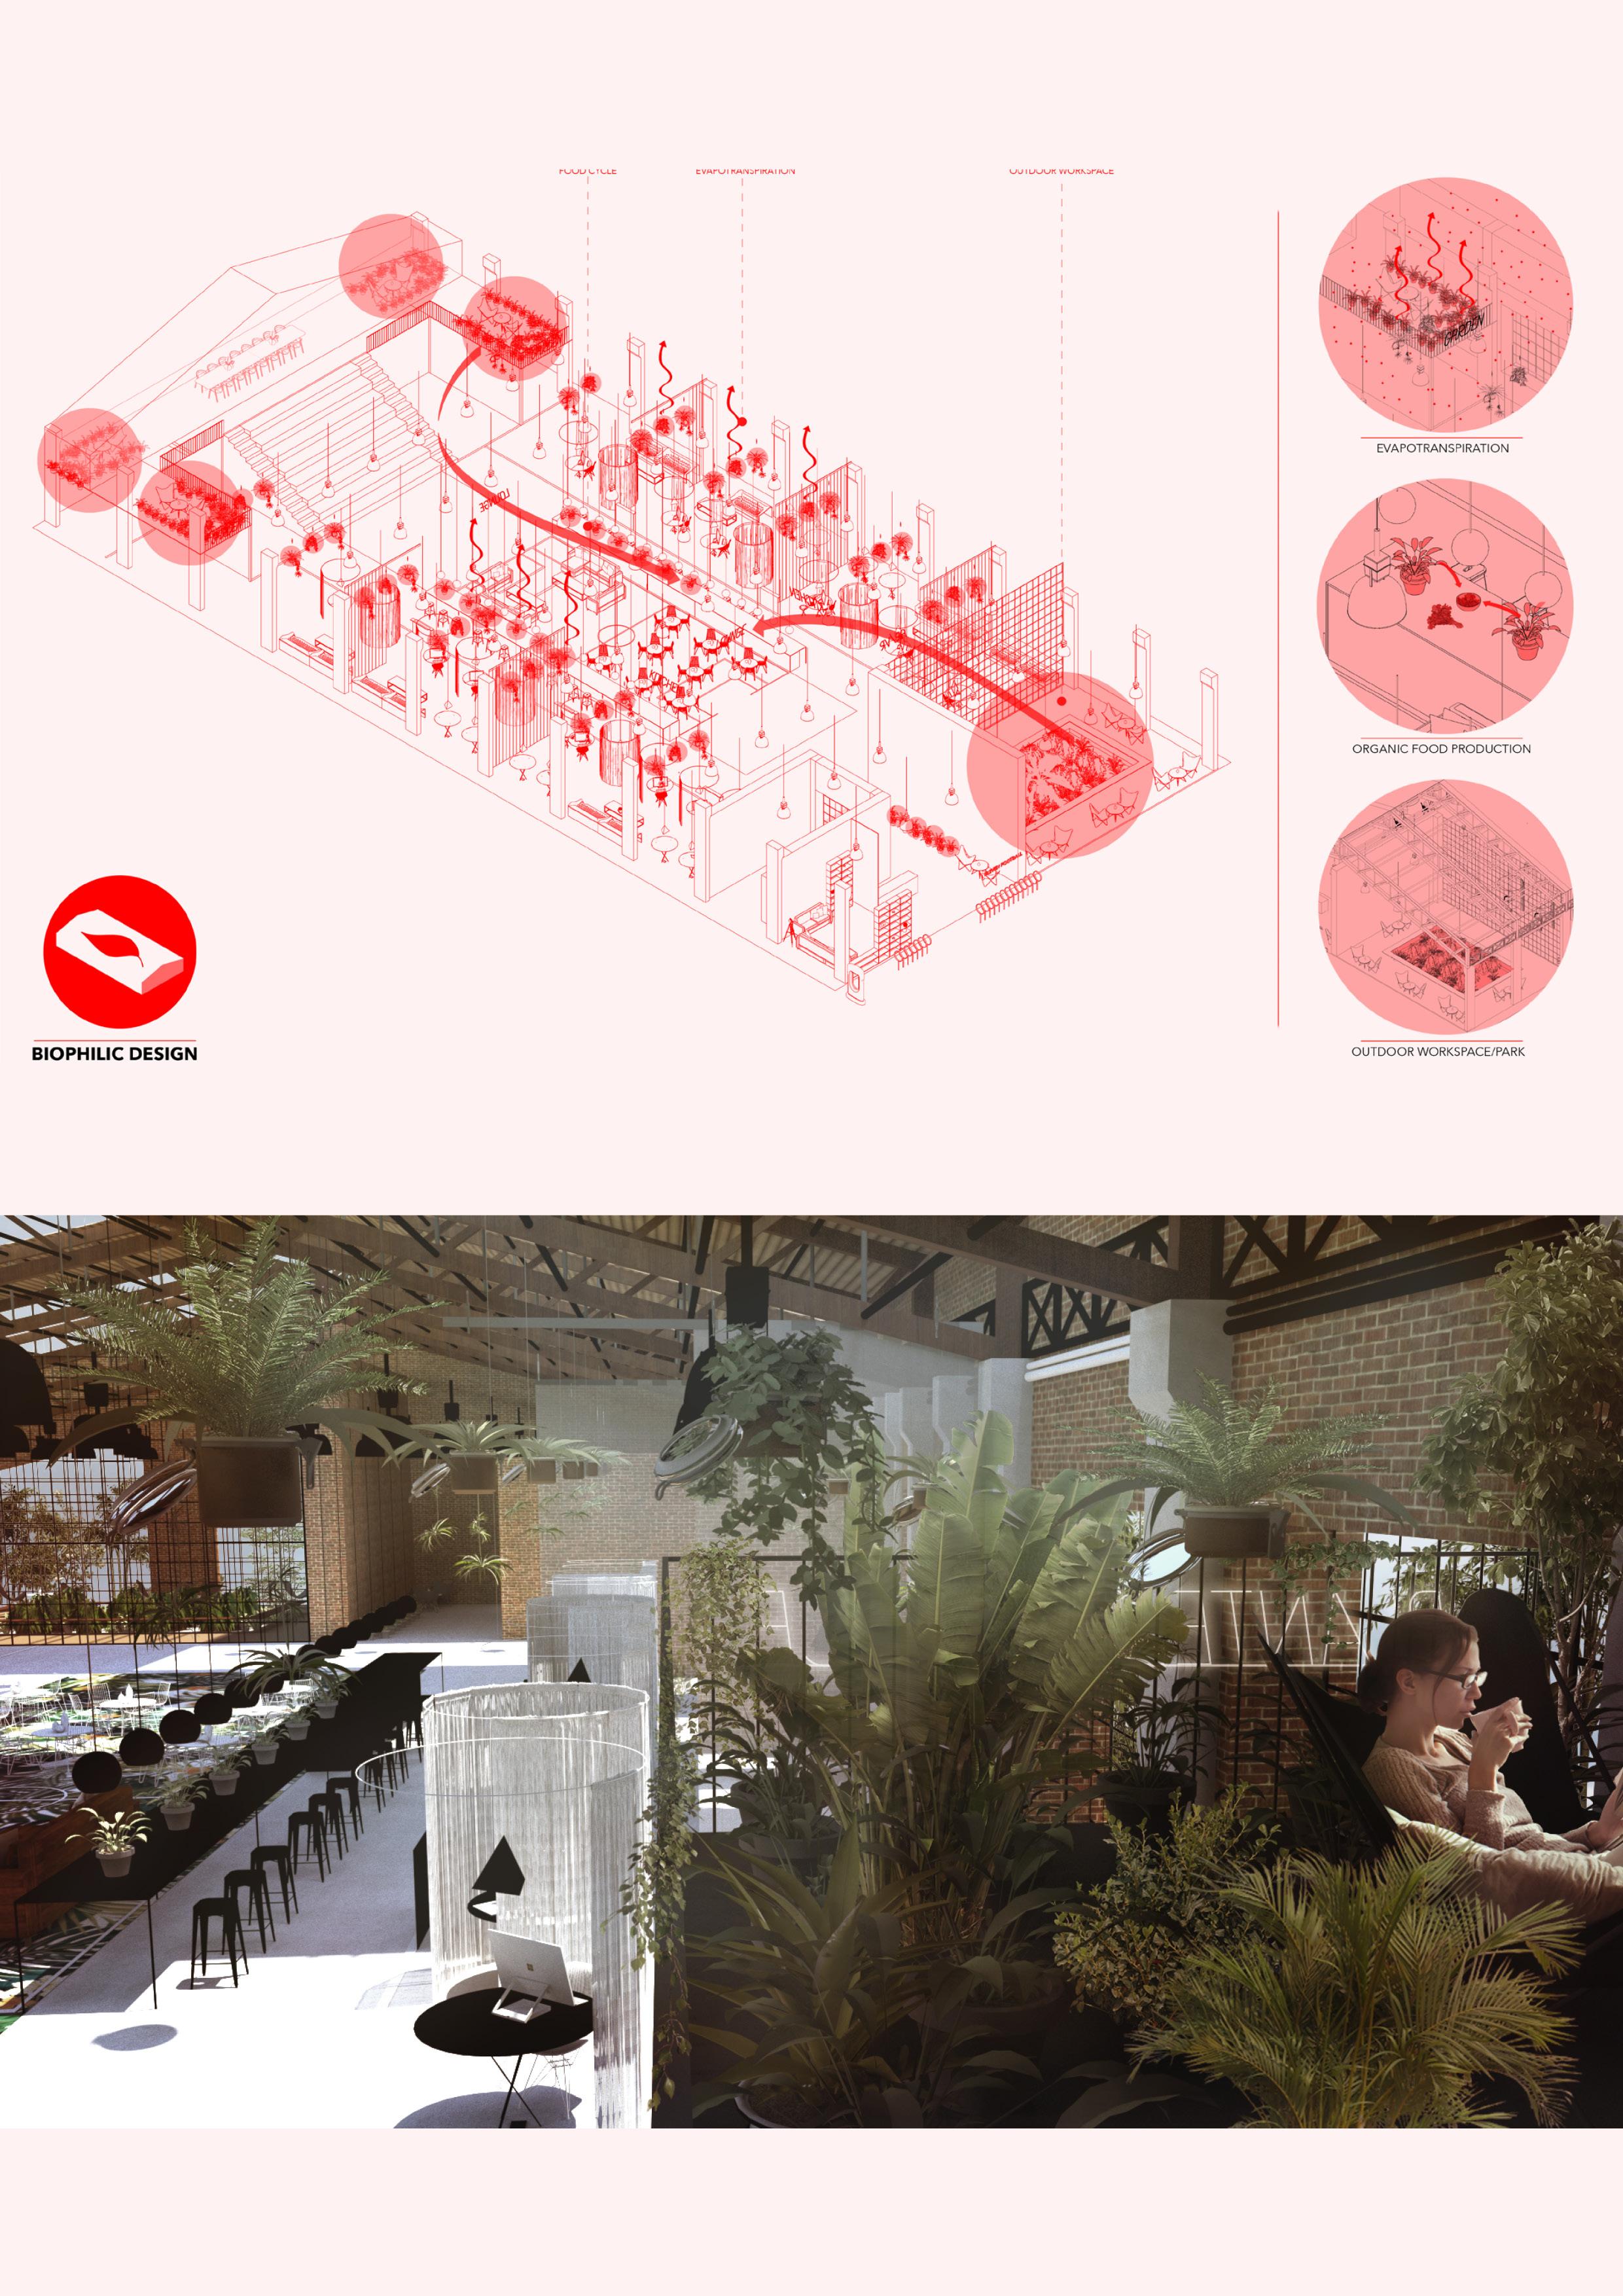 Atelier Aitken Modern Workplace design - Biophilic Design.jpg